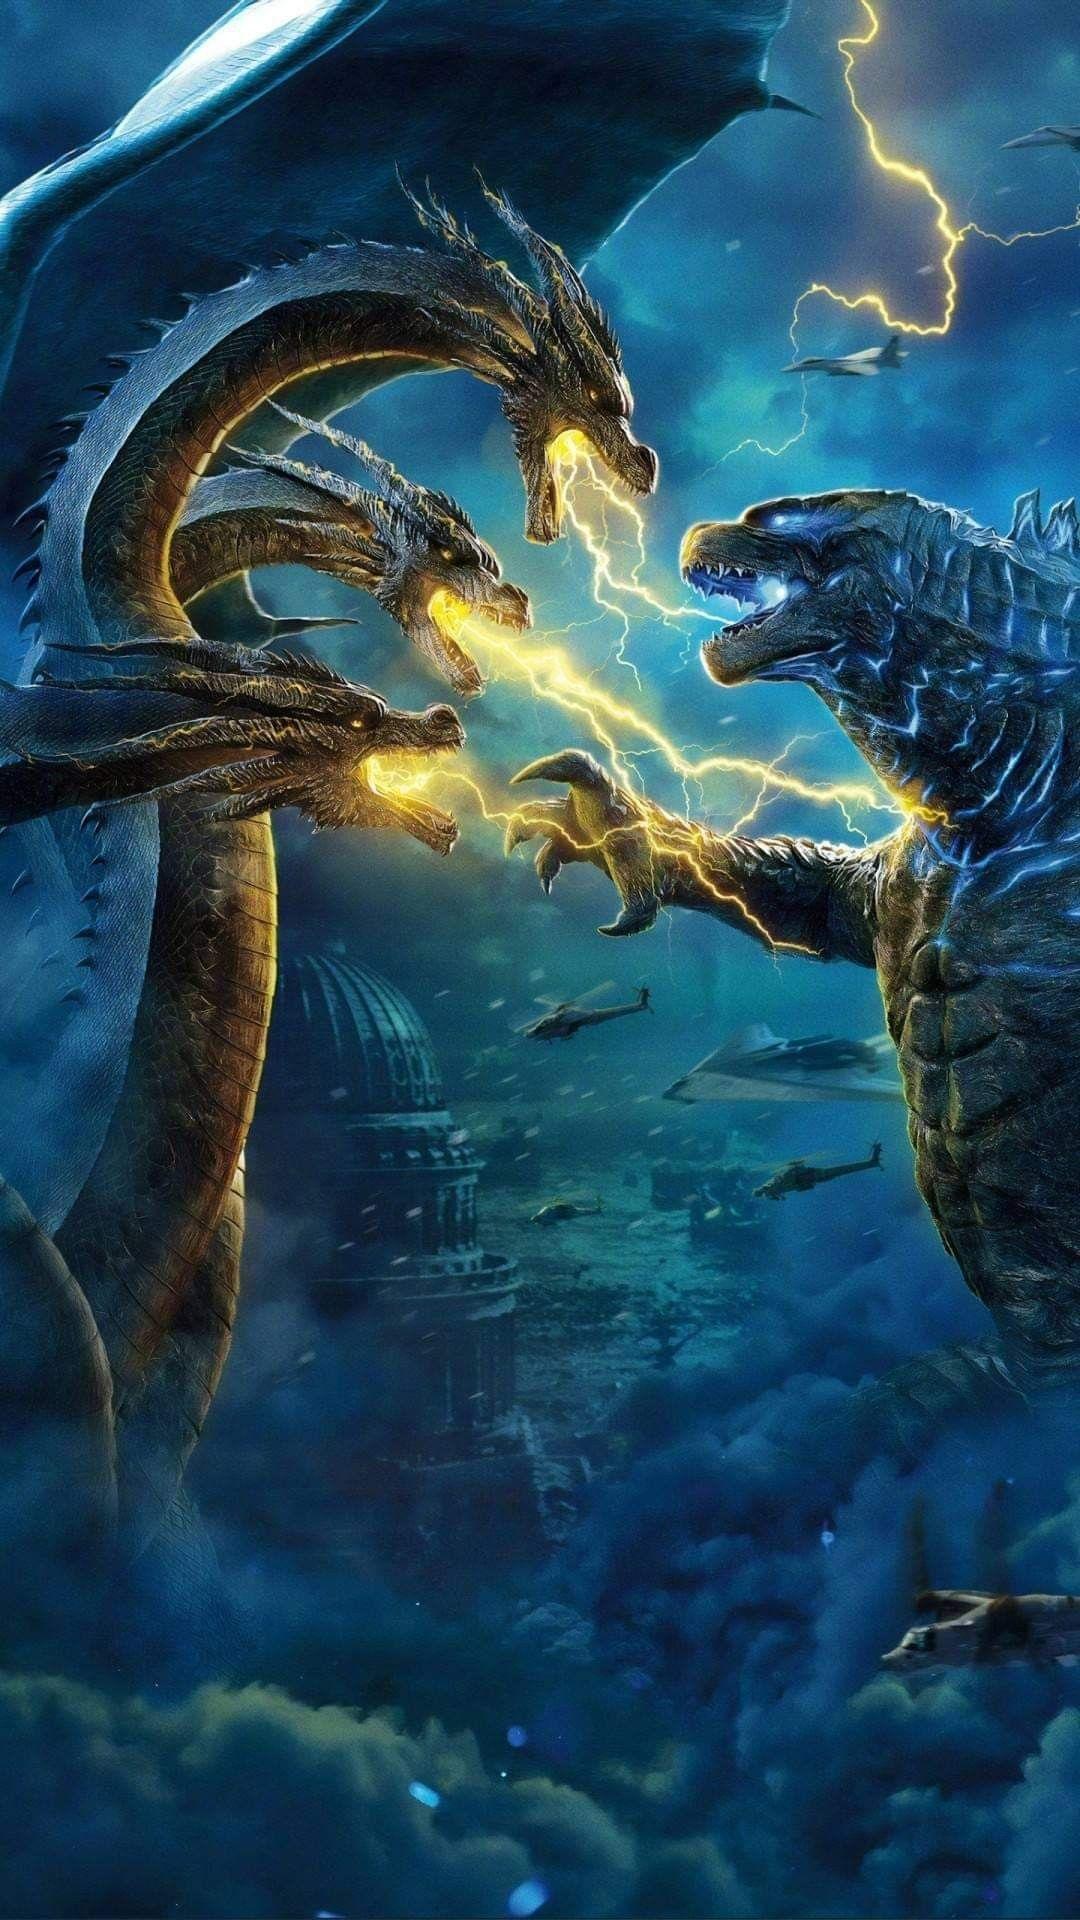 Pin by Zackary Brown on Godzilla (With images) Godzilla